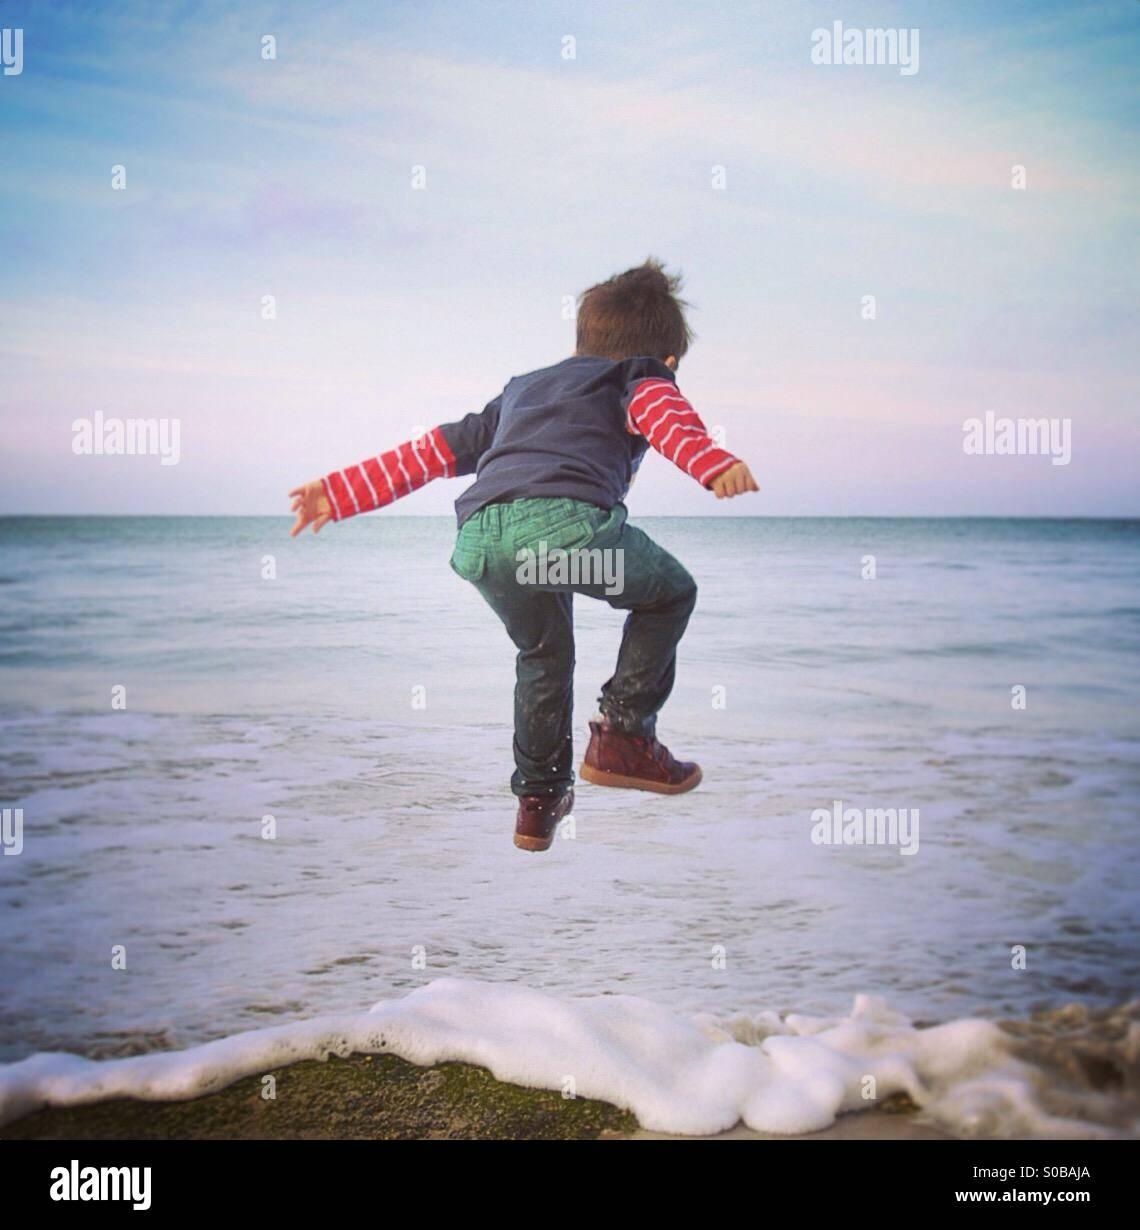 Salto de alegria Imagens de Stock